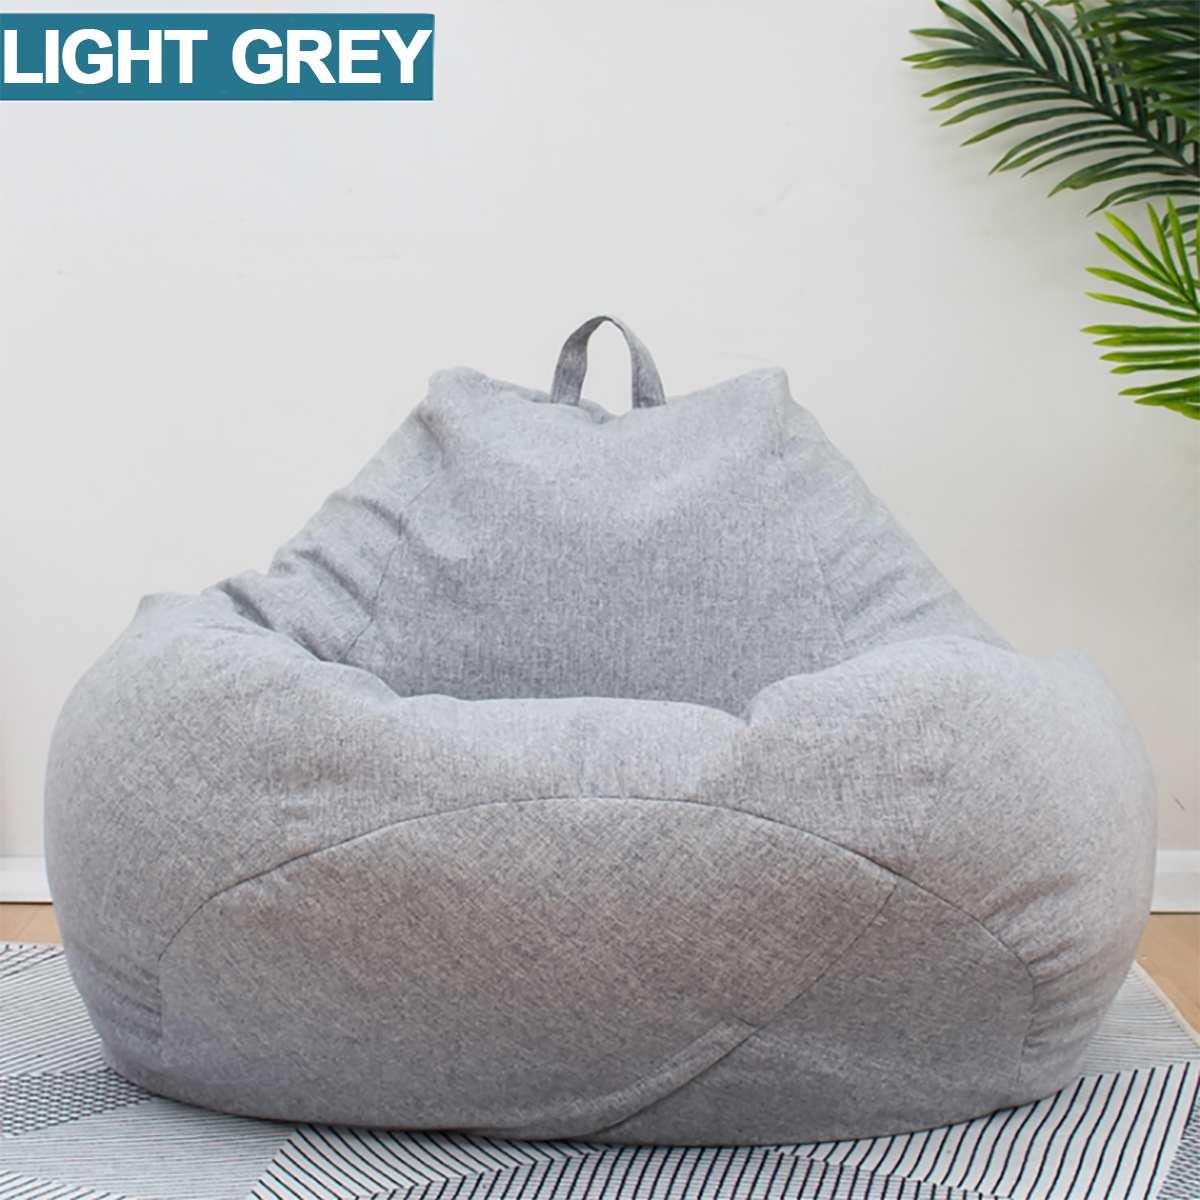 Light gray M